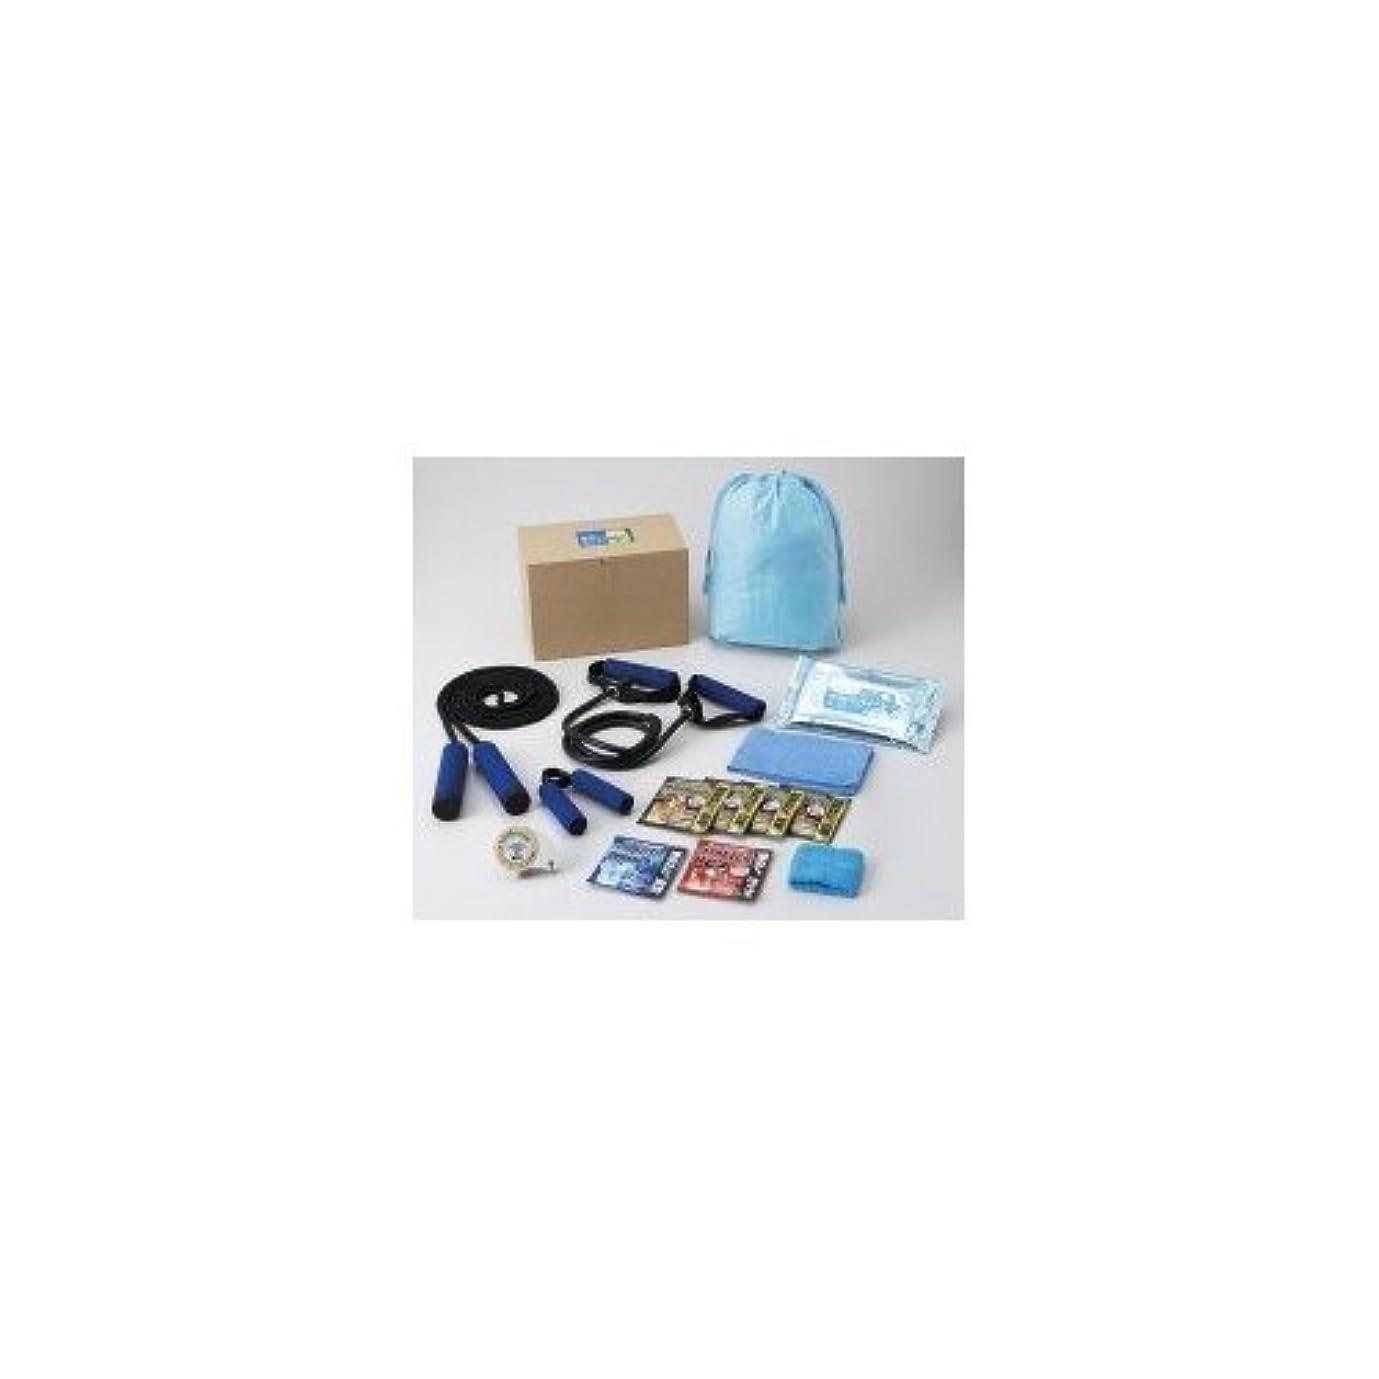 自動スナッチ精査する健康エクササイズ ボディケアセット504 55-504